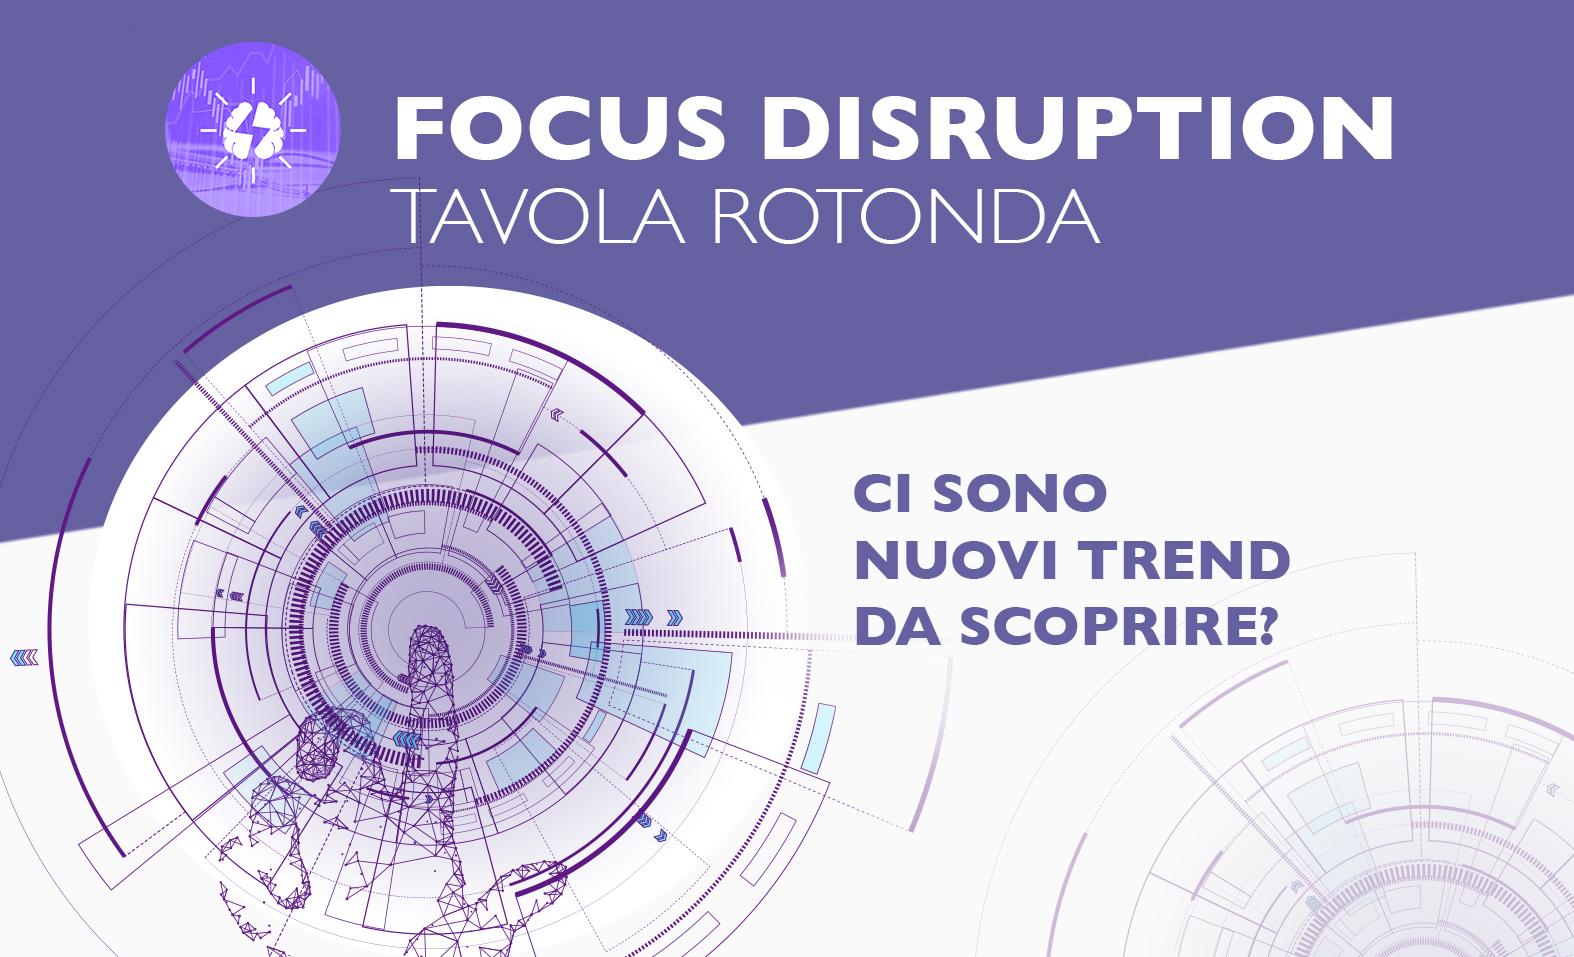 Focus disruption: ancora enormi opportunità da cogliere